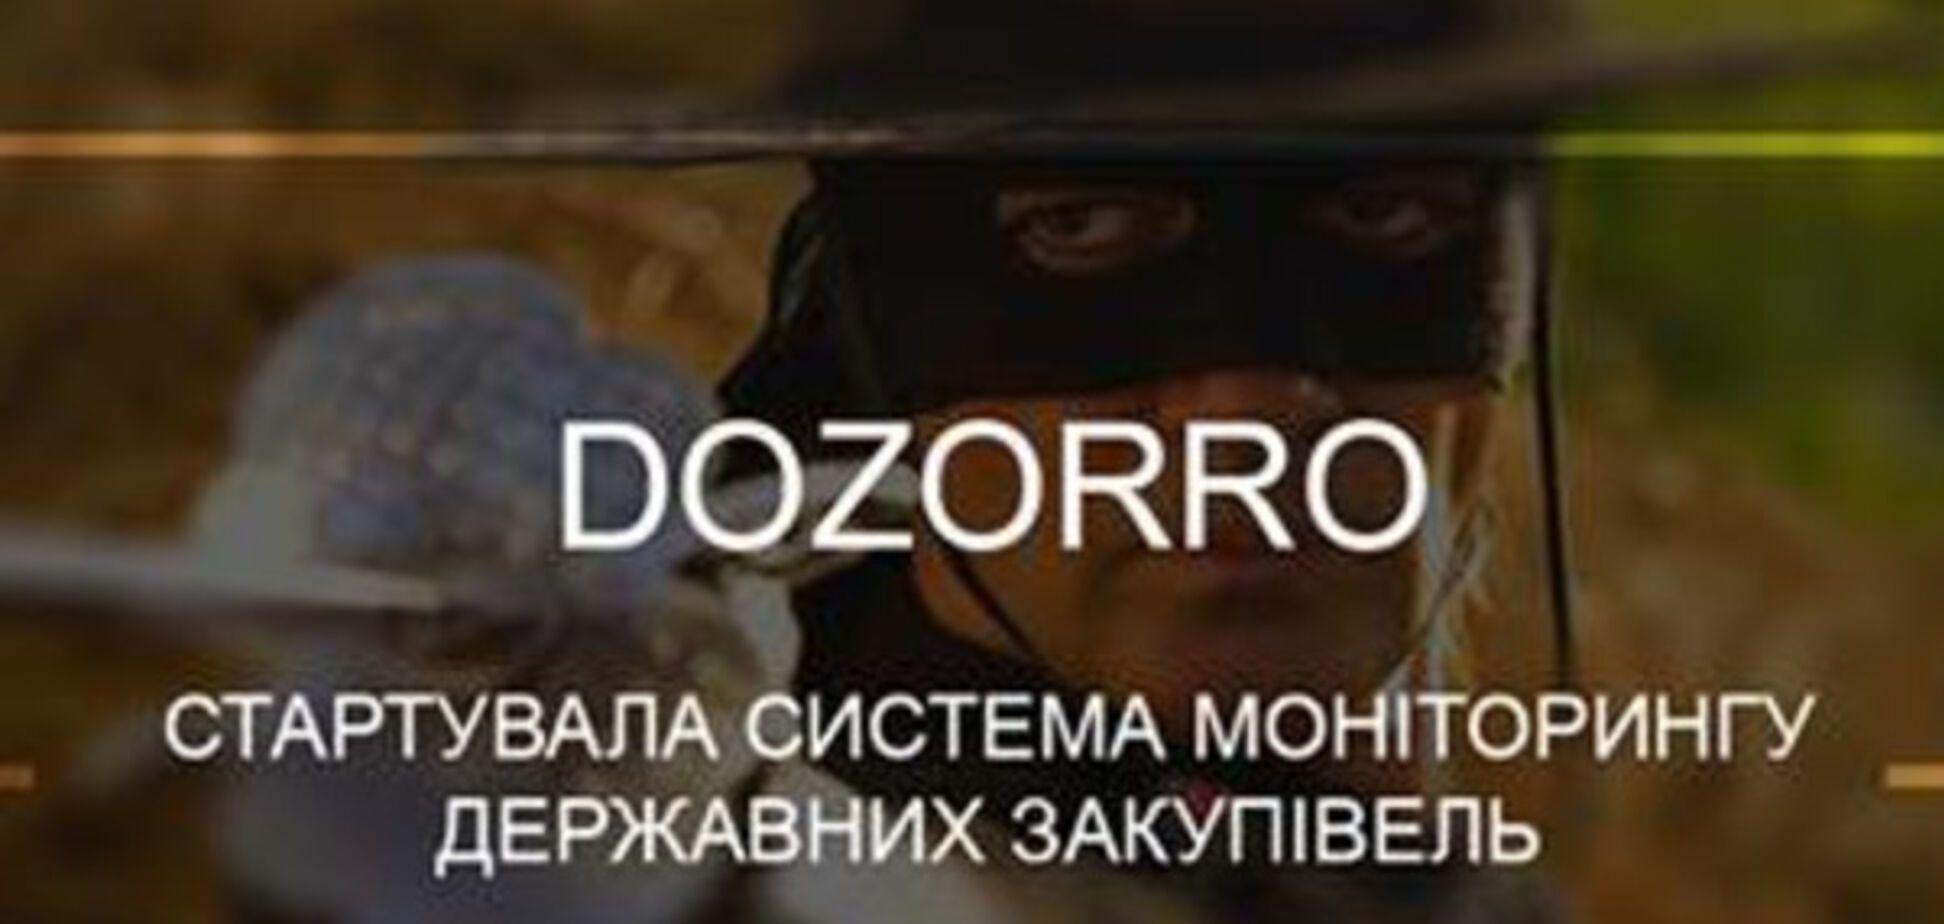 Система DoZorro